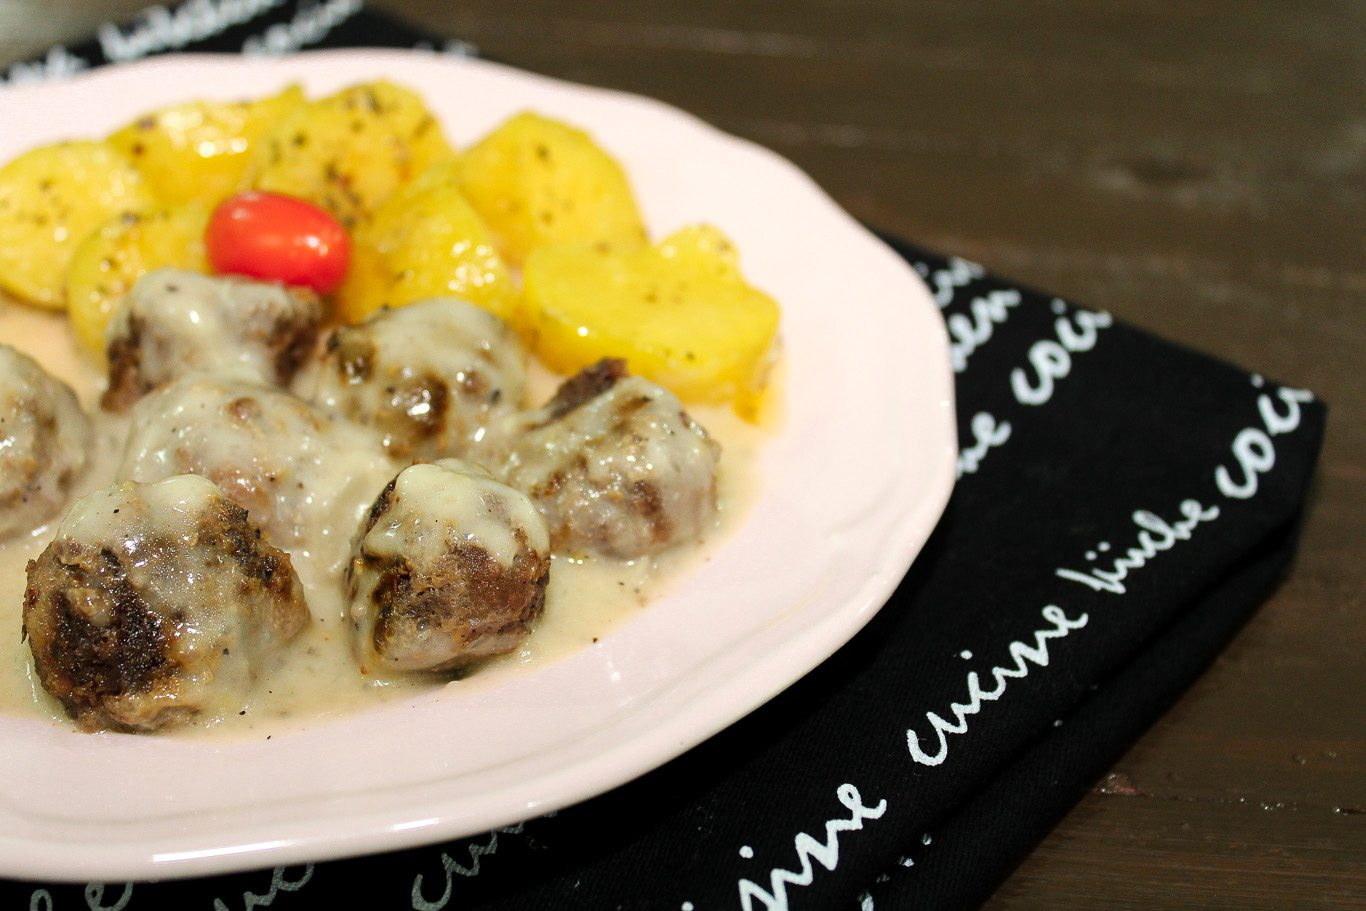 meatballs-and-gravy